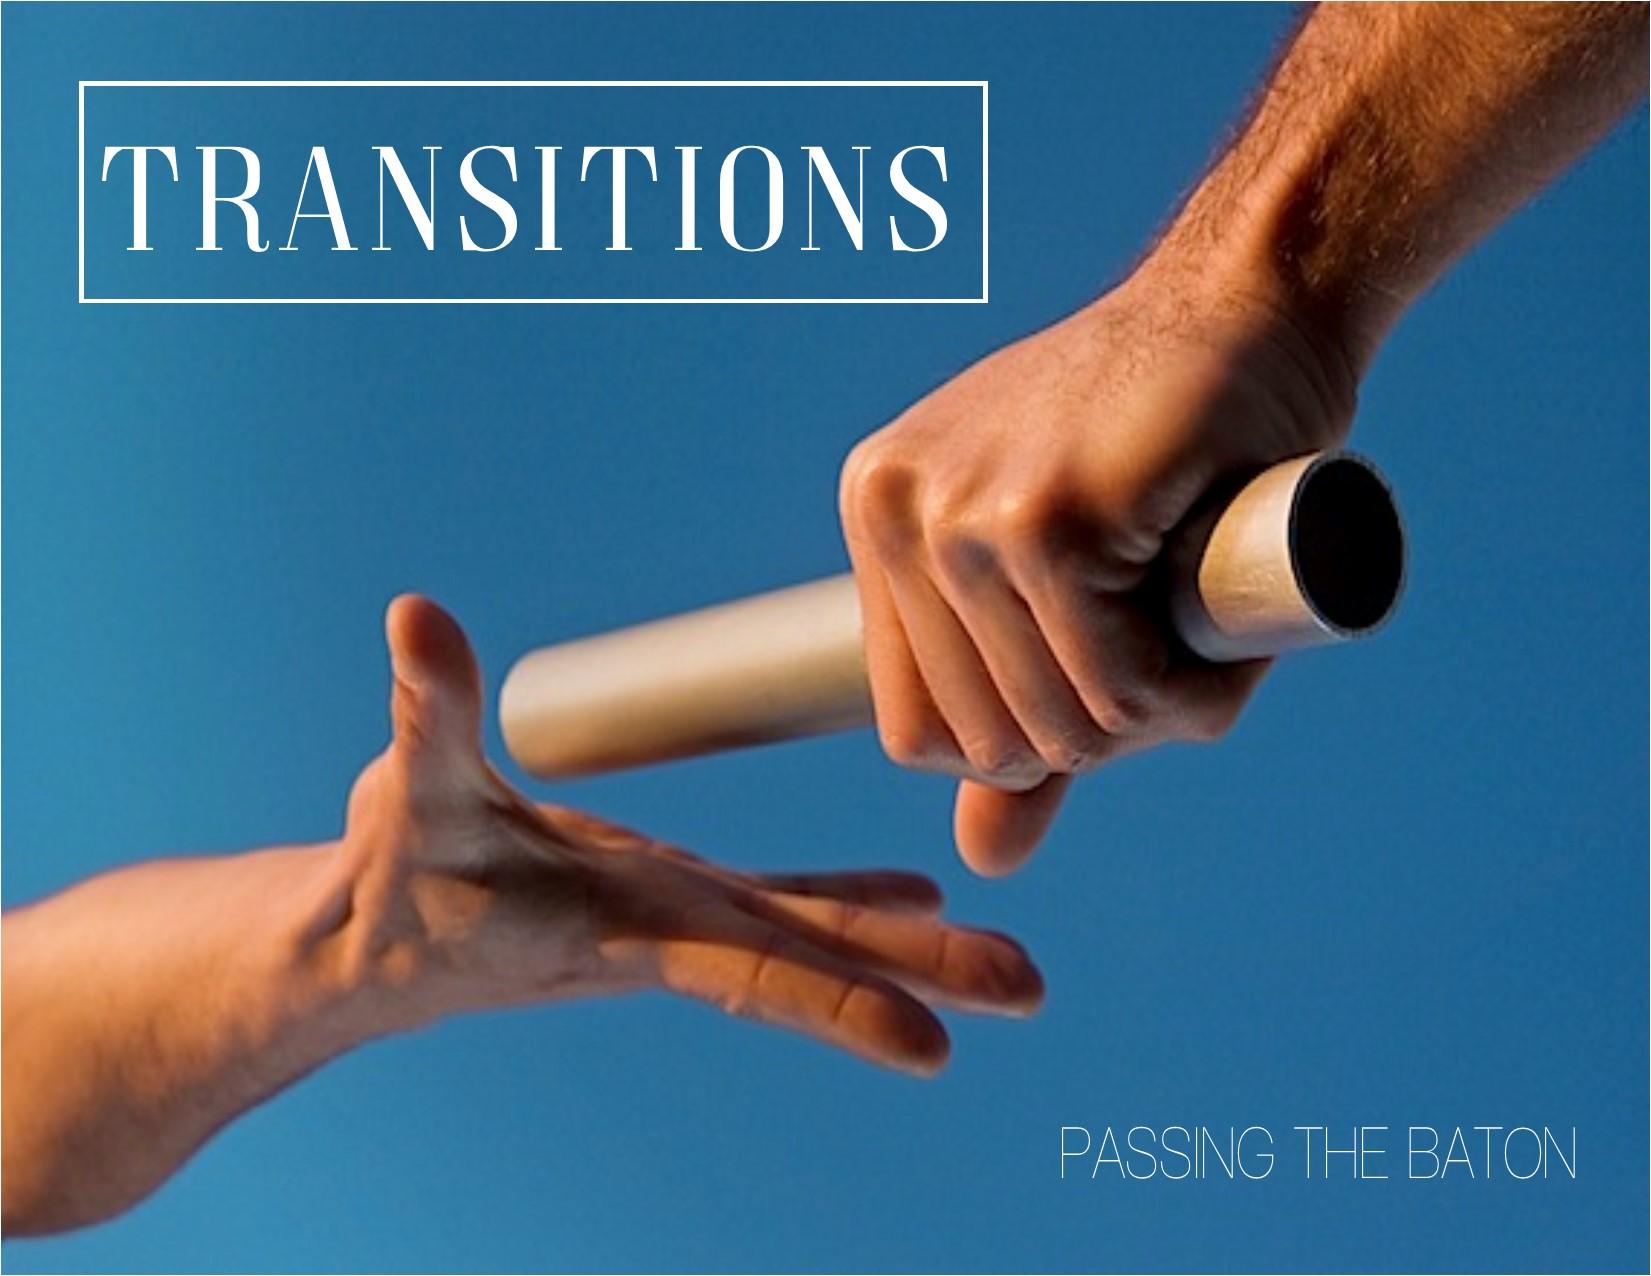 Passing the Baton for Slides.jpg